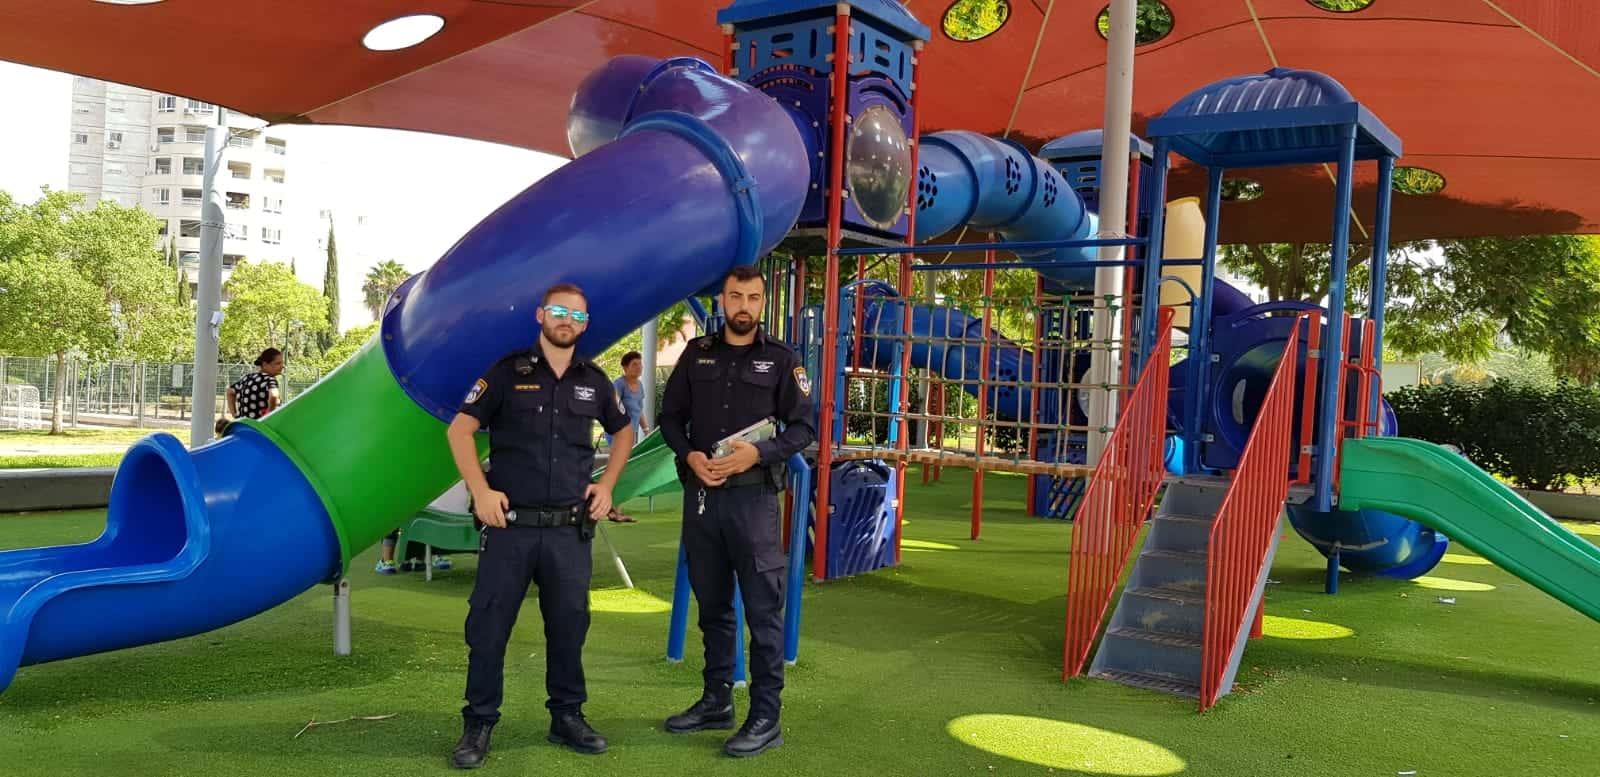 נוכחות משטרתית בגינה ציבורית, צילום: באדיבות דוברות משטרת ישראל